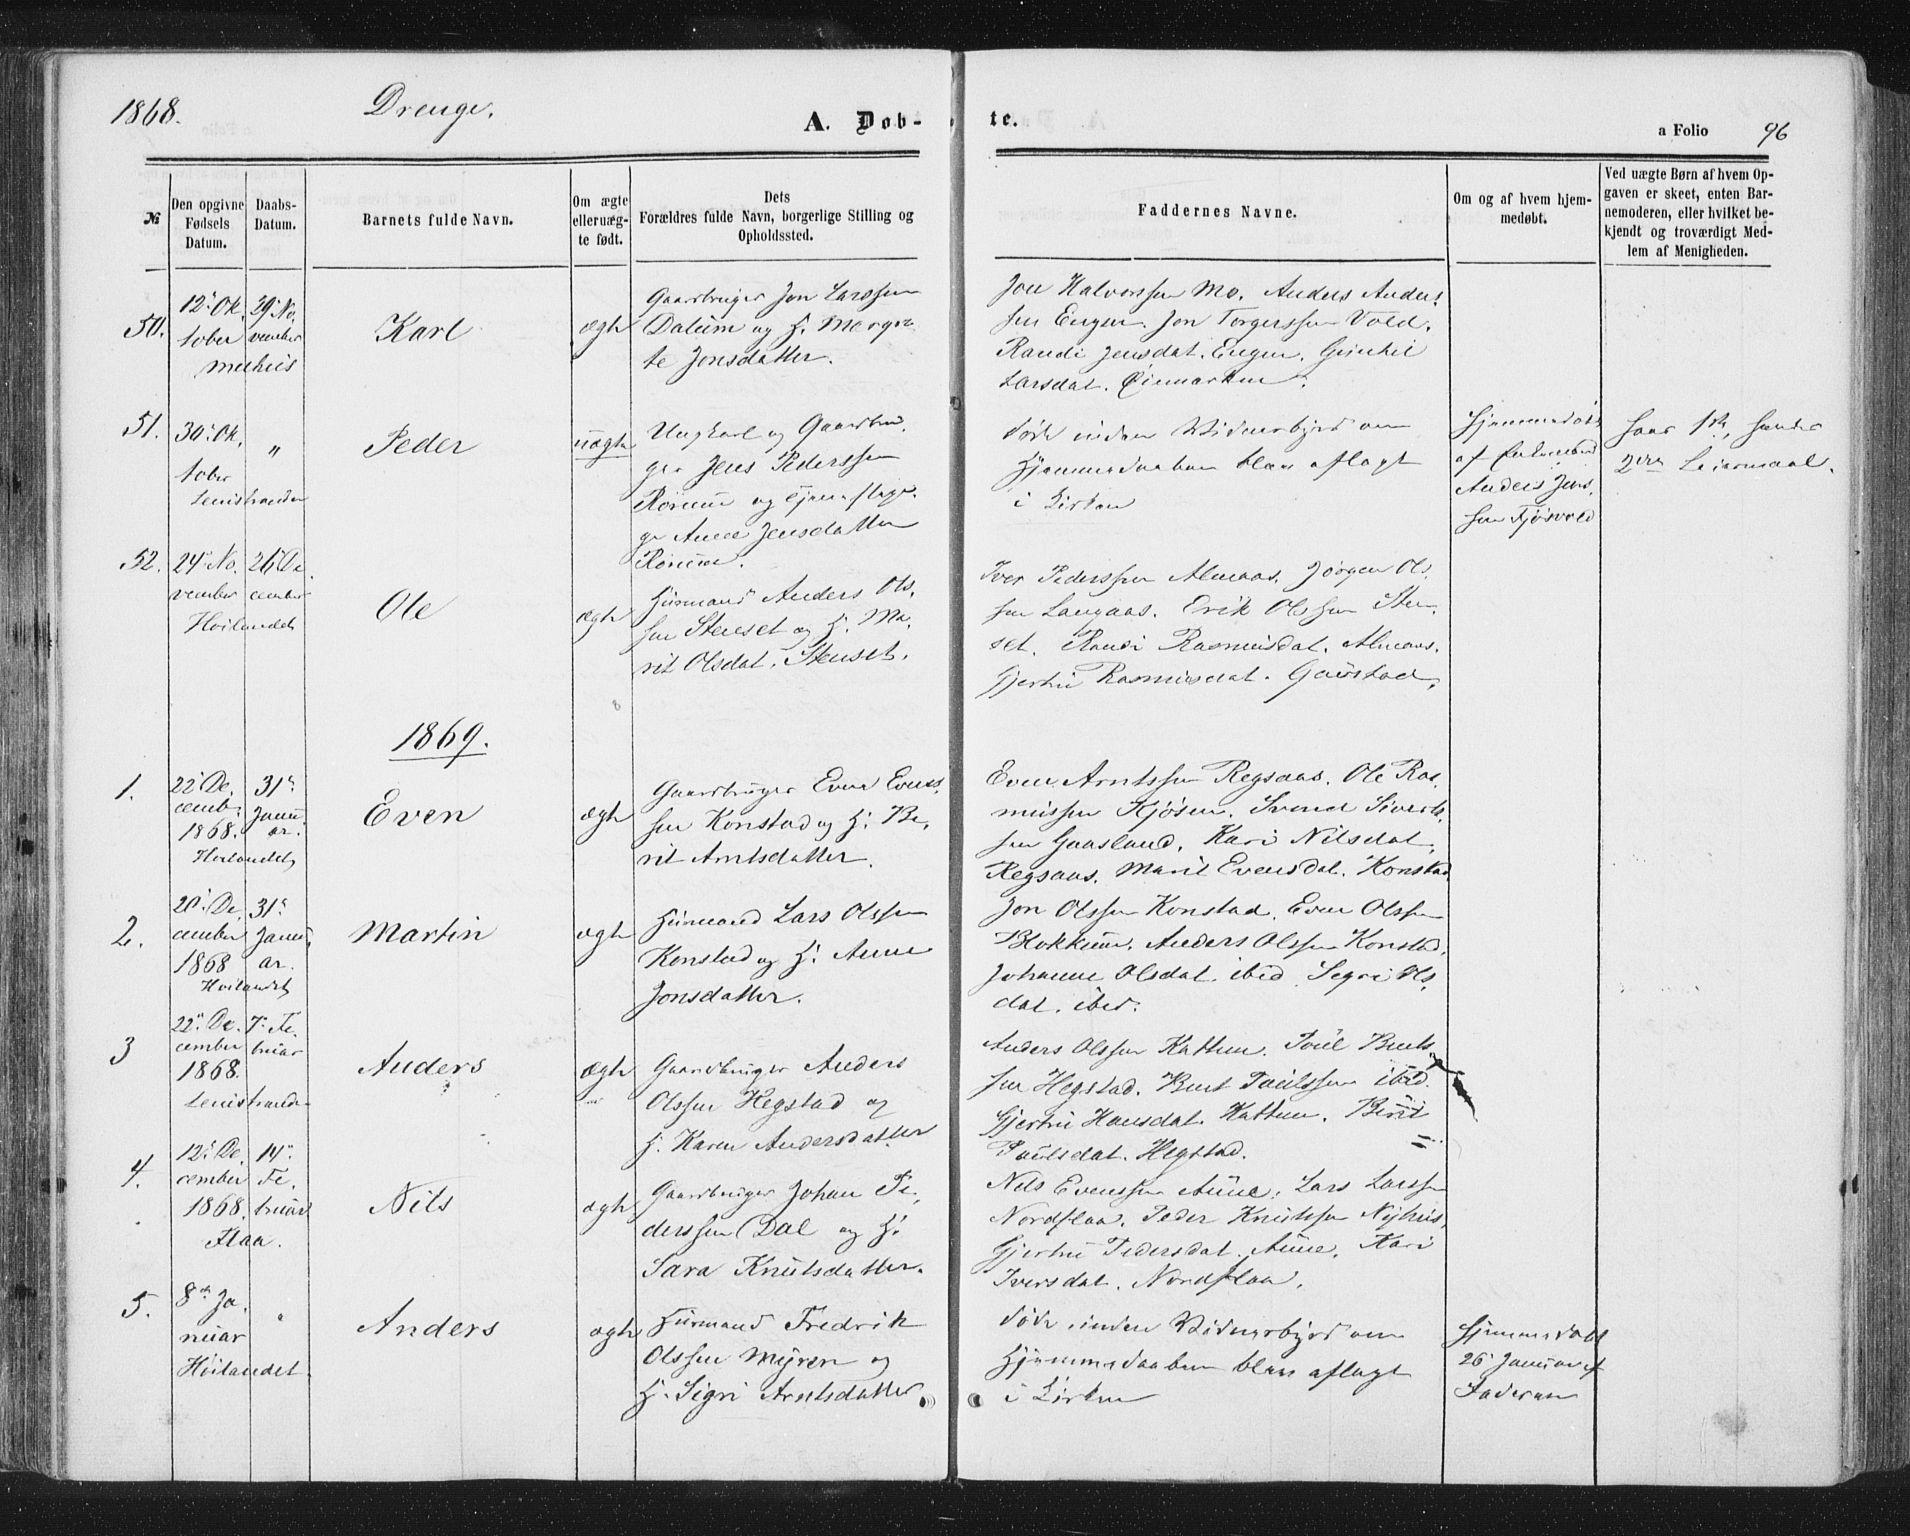 SAT, Ministerialprotokoller, klokkerbøker og fødselsregistre - Sør-Trøndelag, 691/L1077: Ministerialbok nr. 691A09, 1862-1873, s. 96